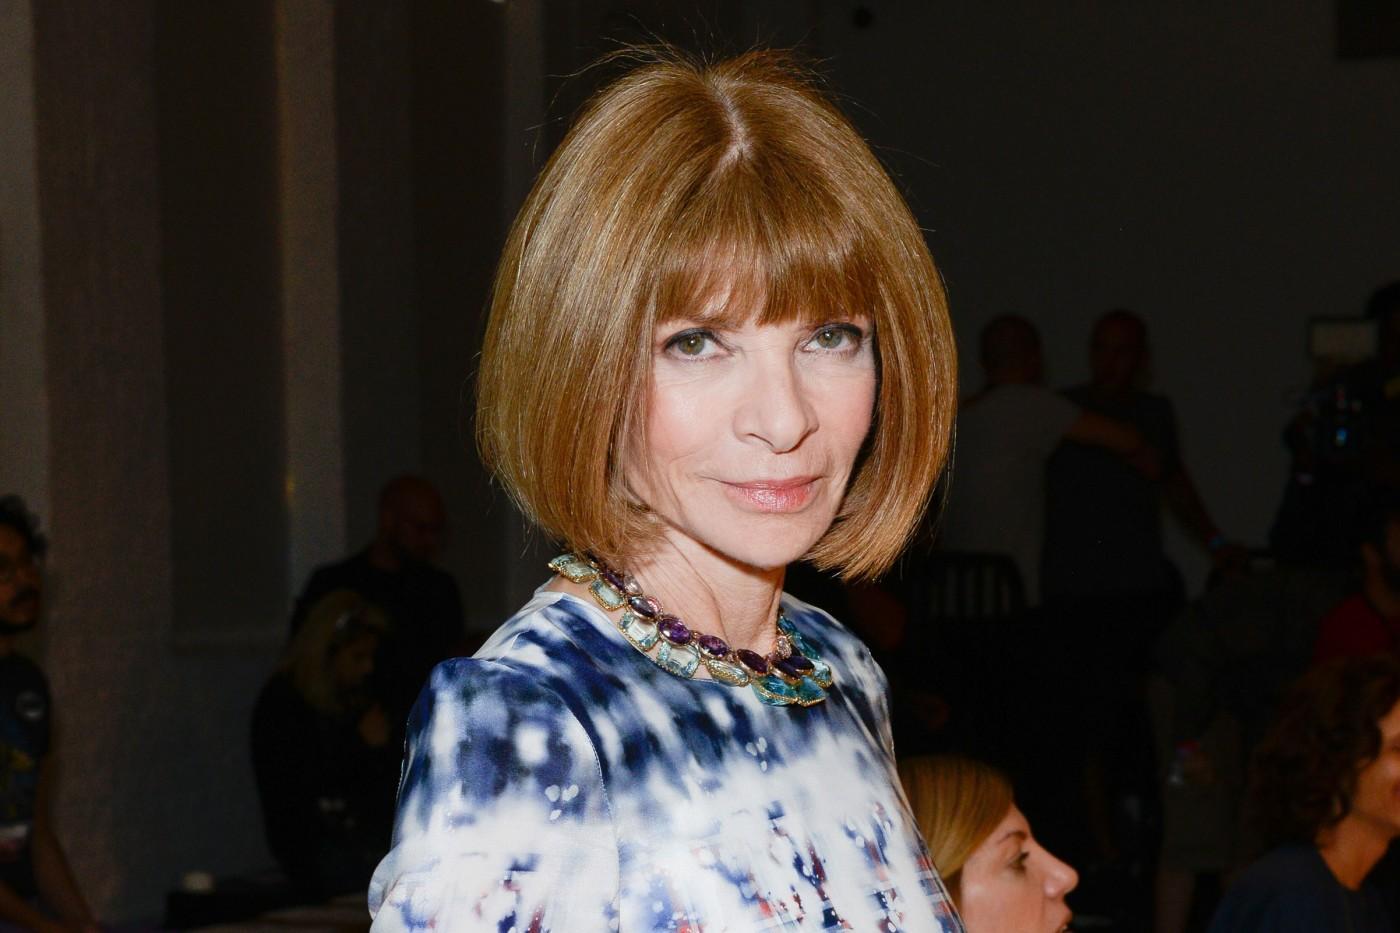 Is Anna Wintour Leaving Vogue?